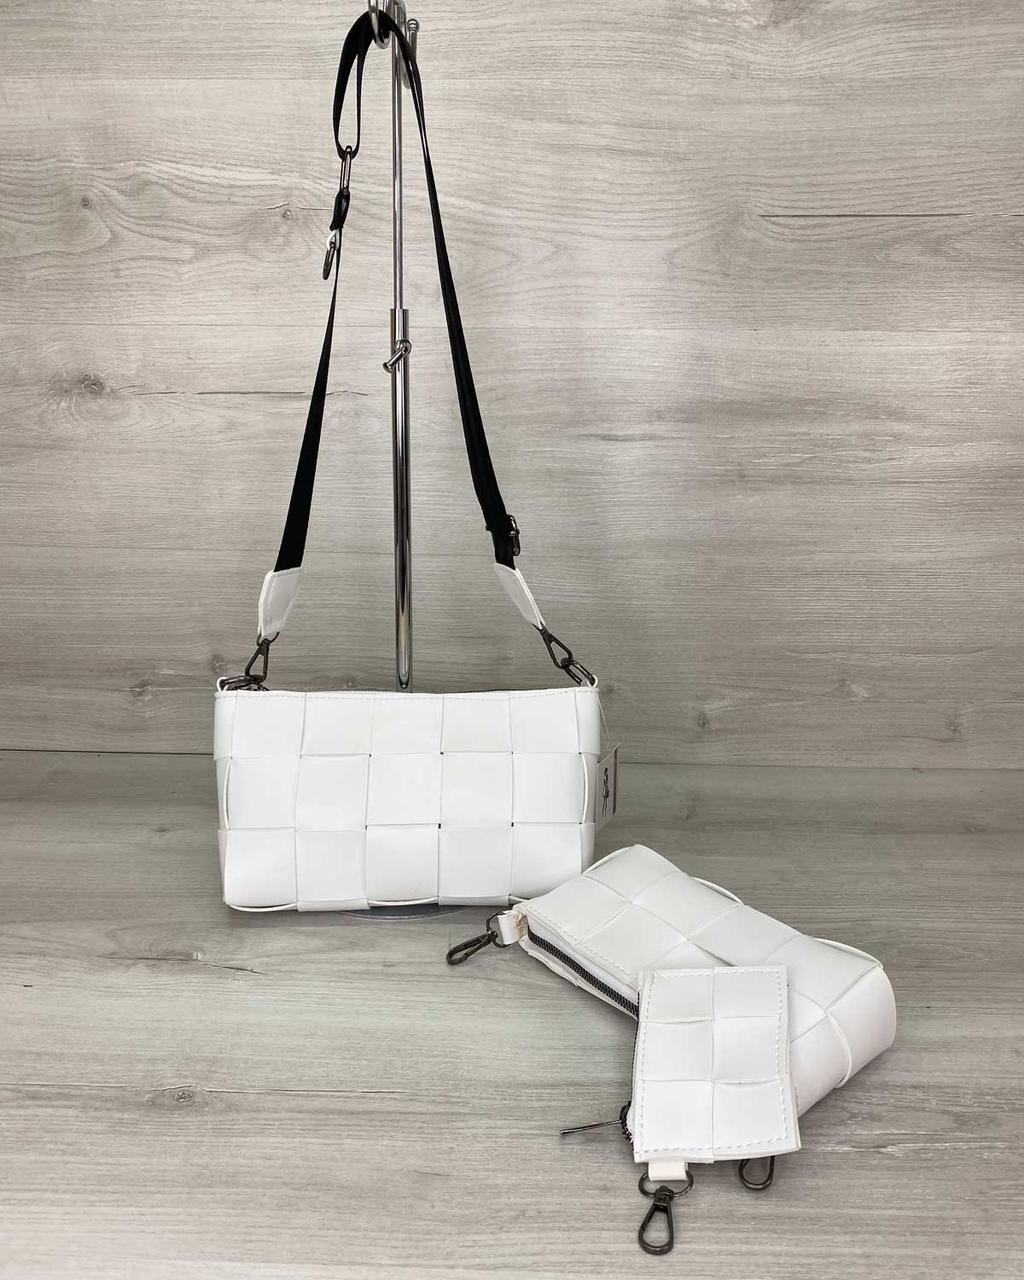 Белая сумочка тройка! Маленькая сумка 63700 женская 3 в 1 через плечо плетеная кросс-боди